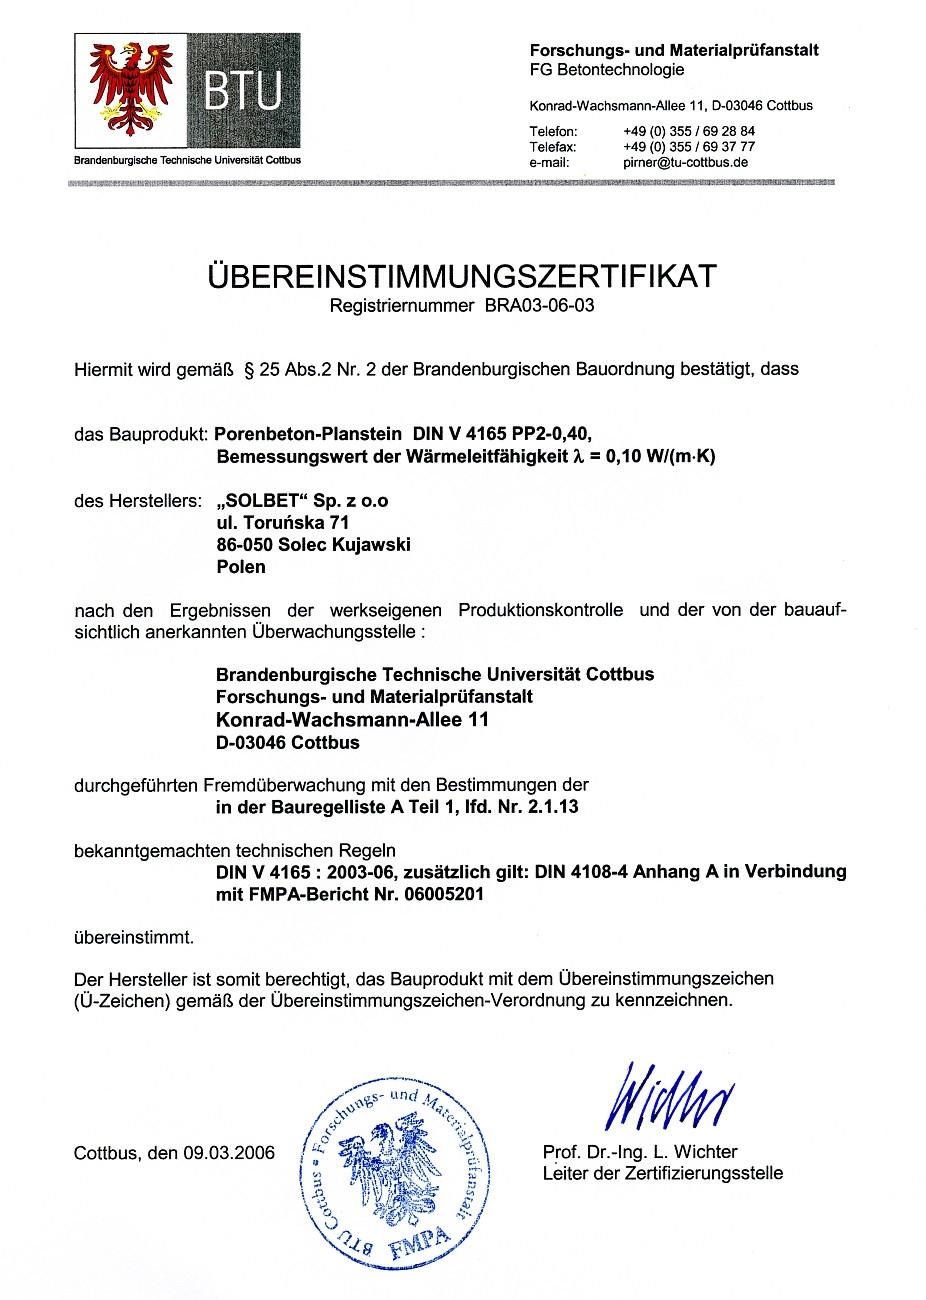 Übereinstimmungszertifikat für PP2-0,4 Gasbetonsteine